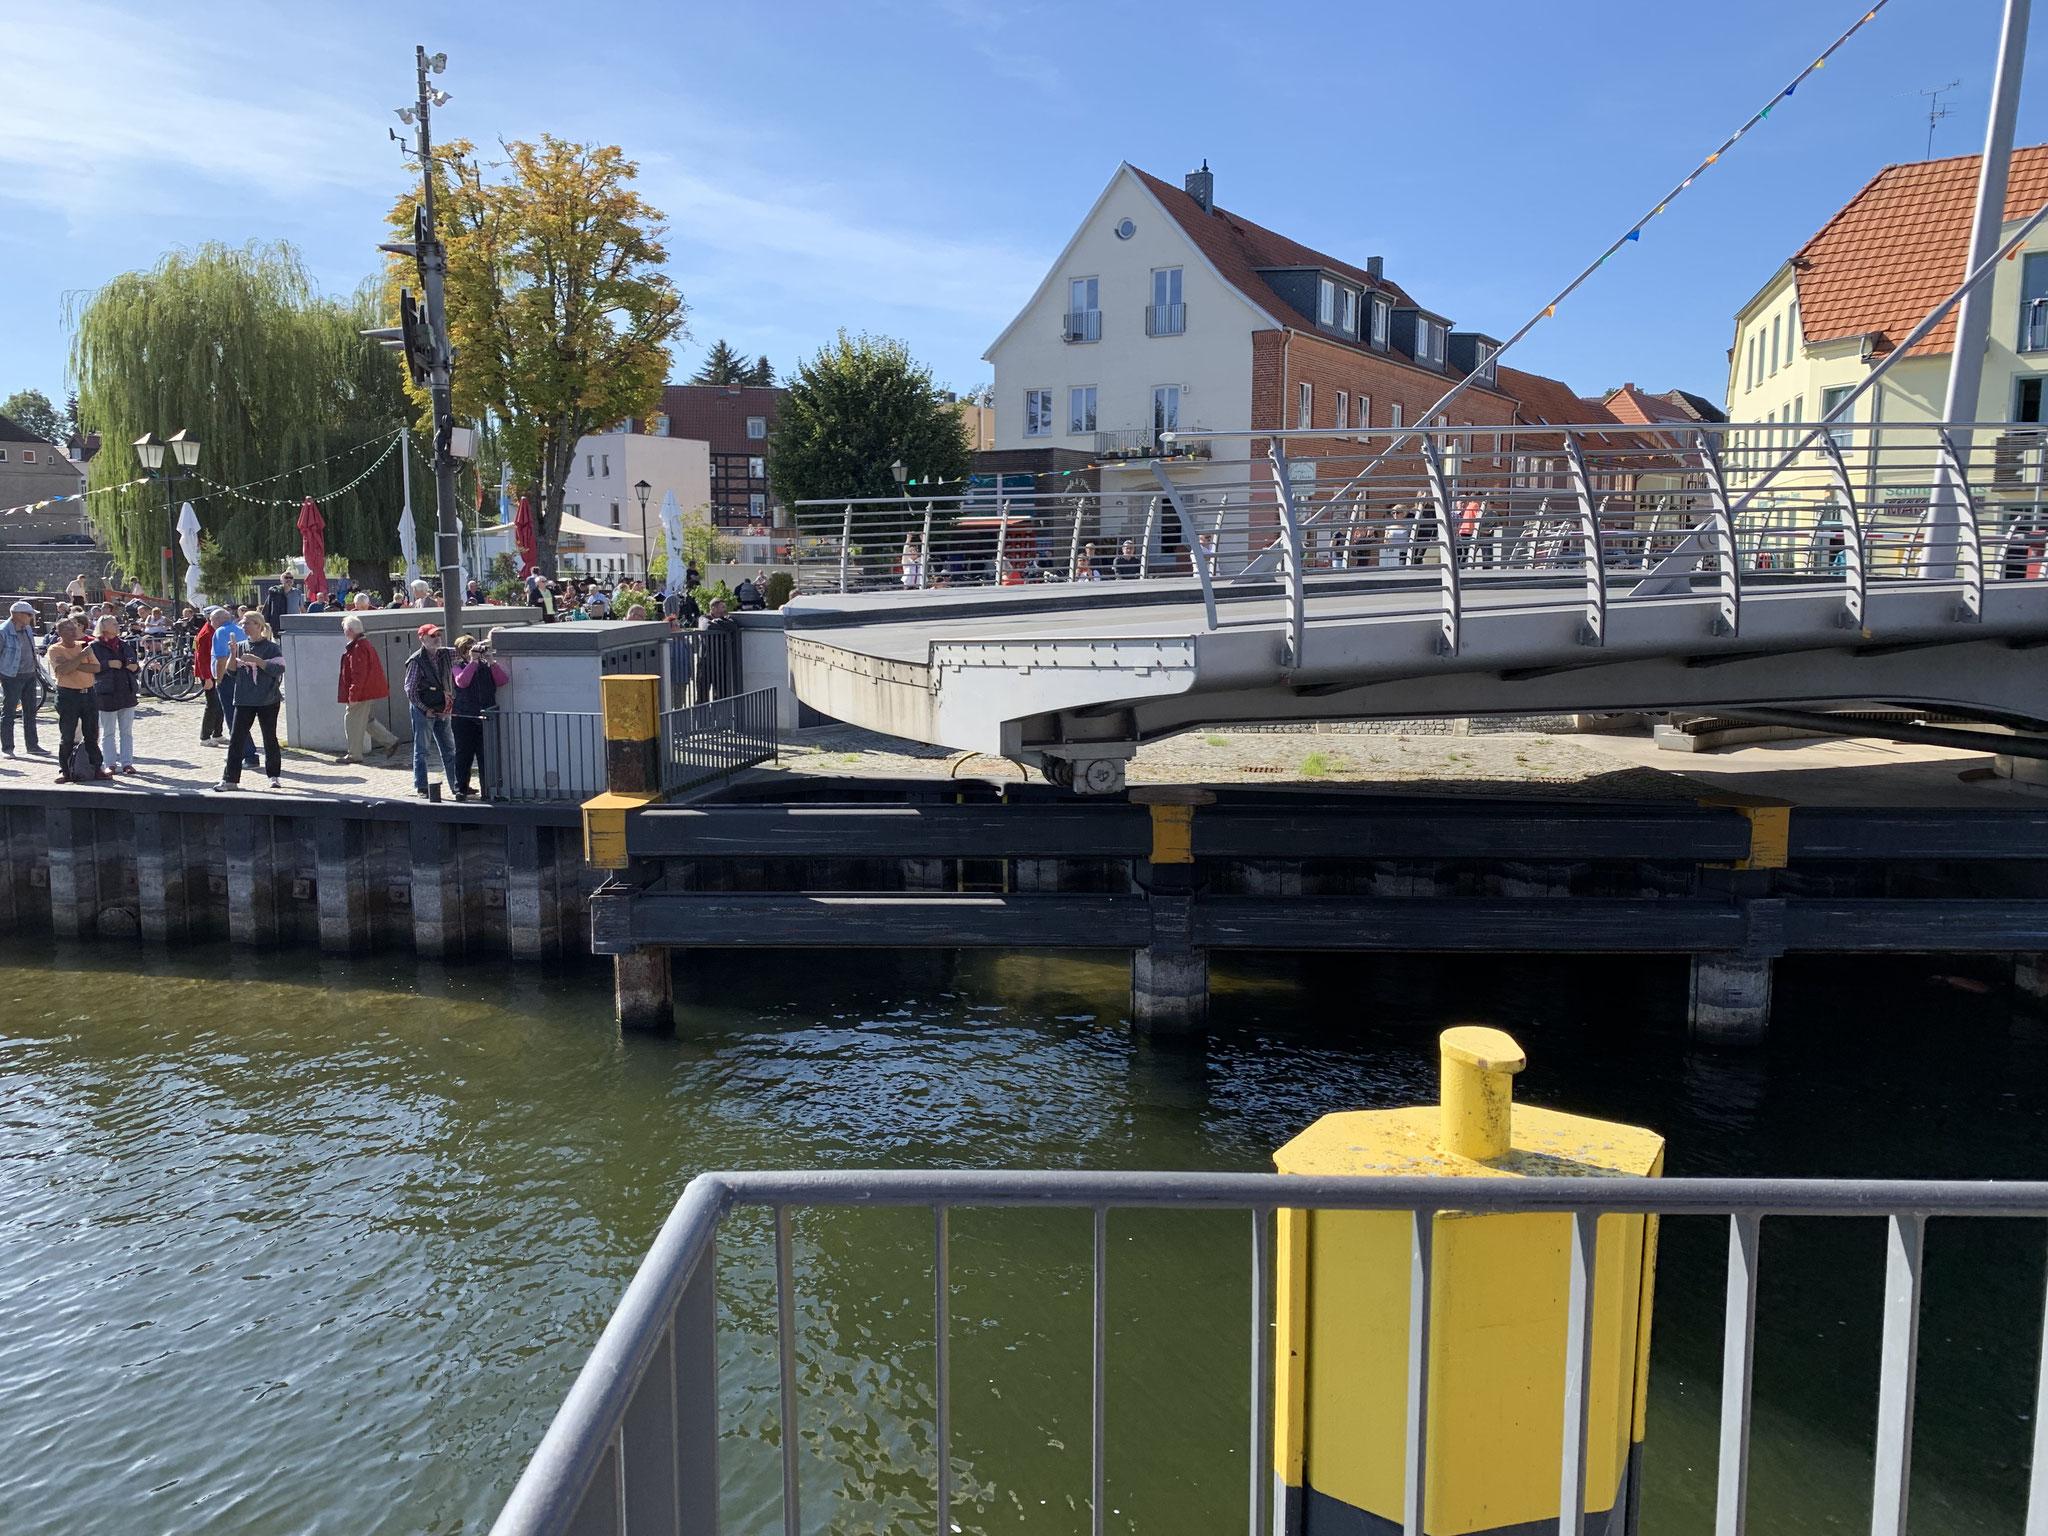 ... die bekannte Drehbrücke